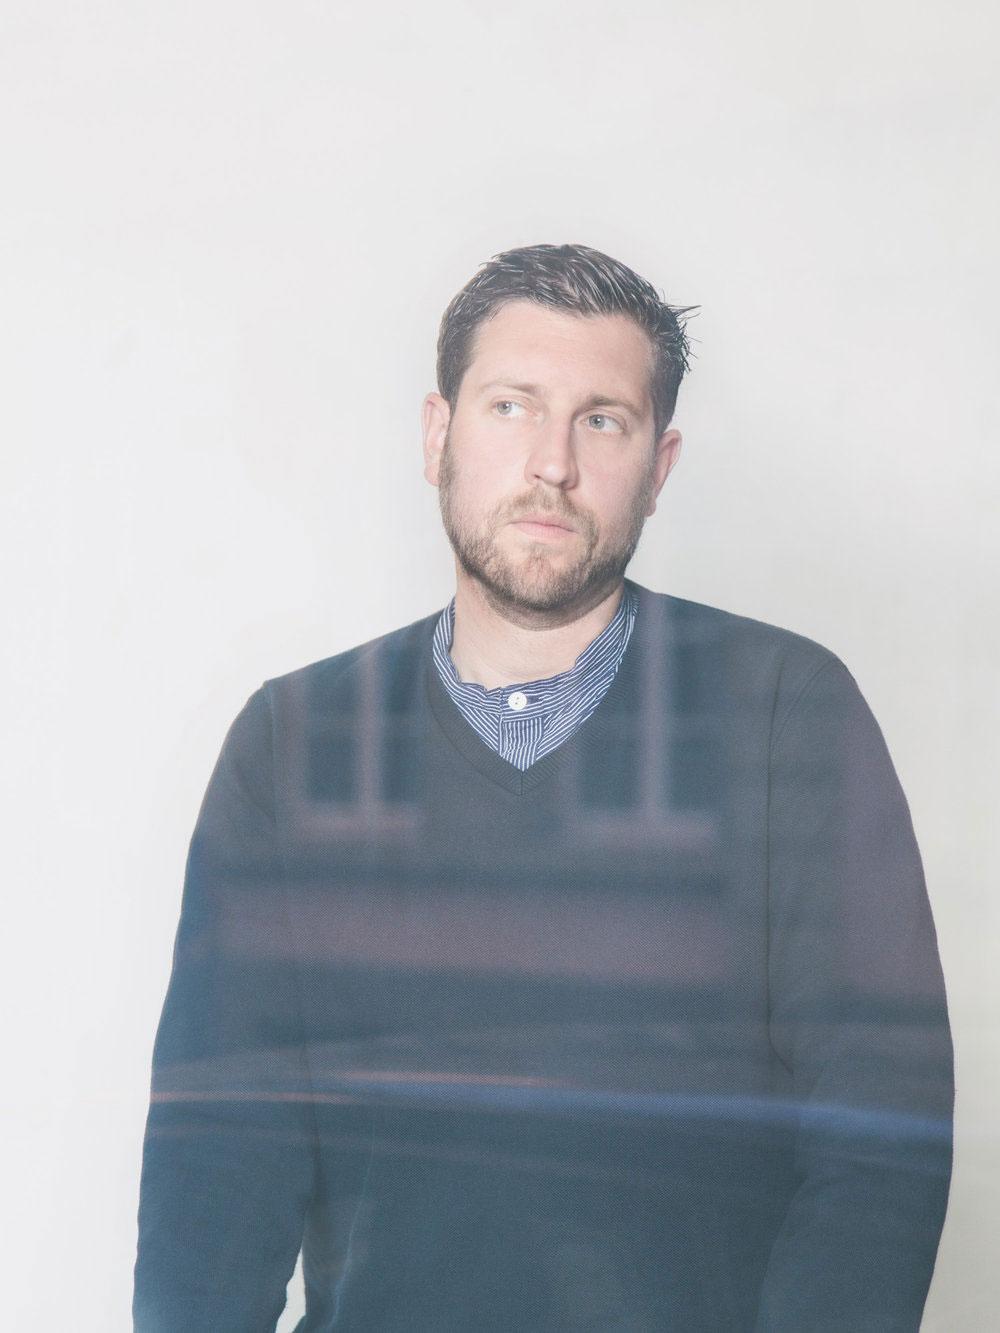 Martin Schmitz, Möbeldesigner und DJ, Portrait hinter Fensterscheibe